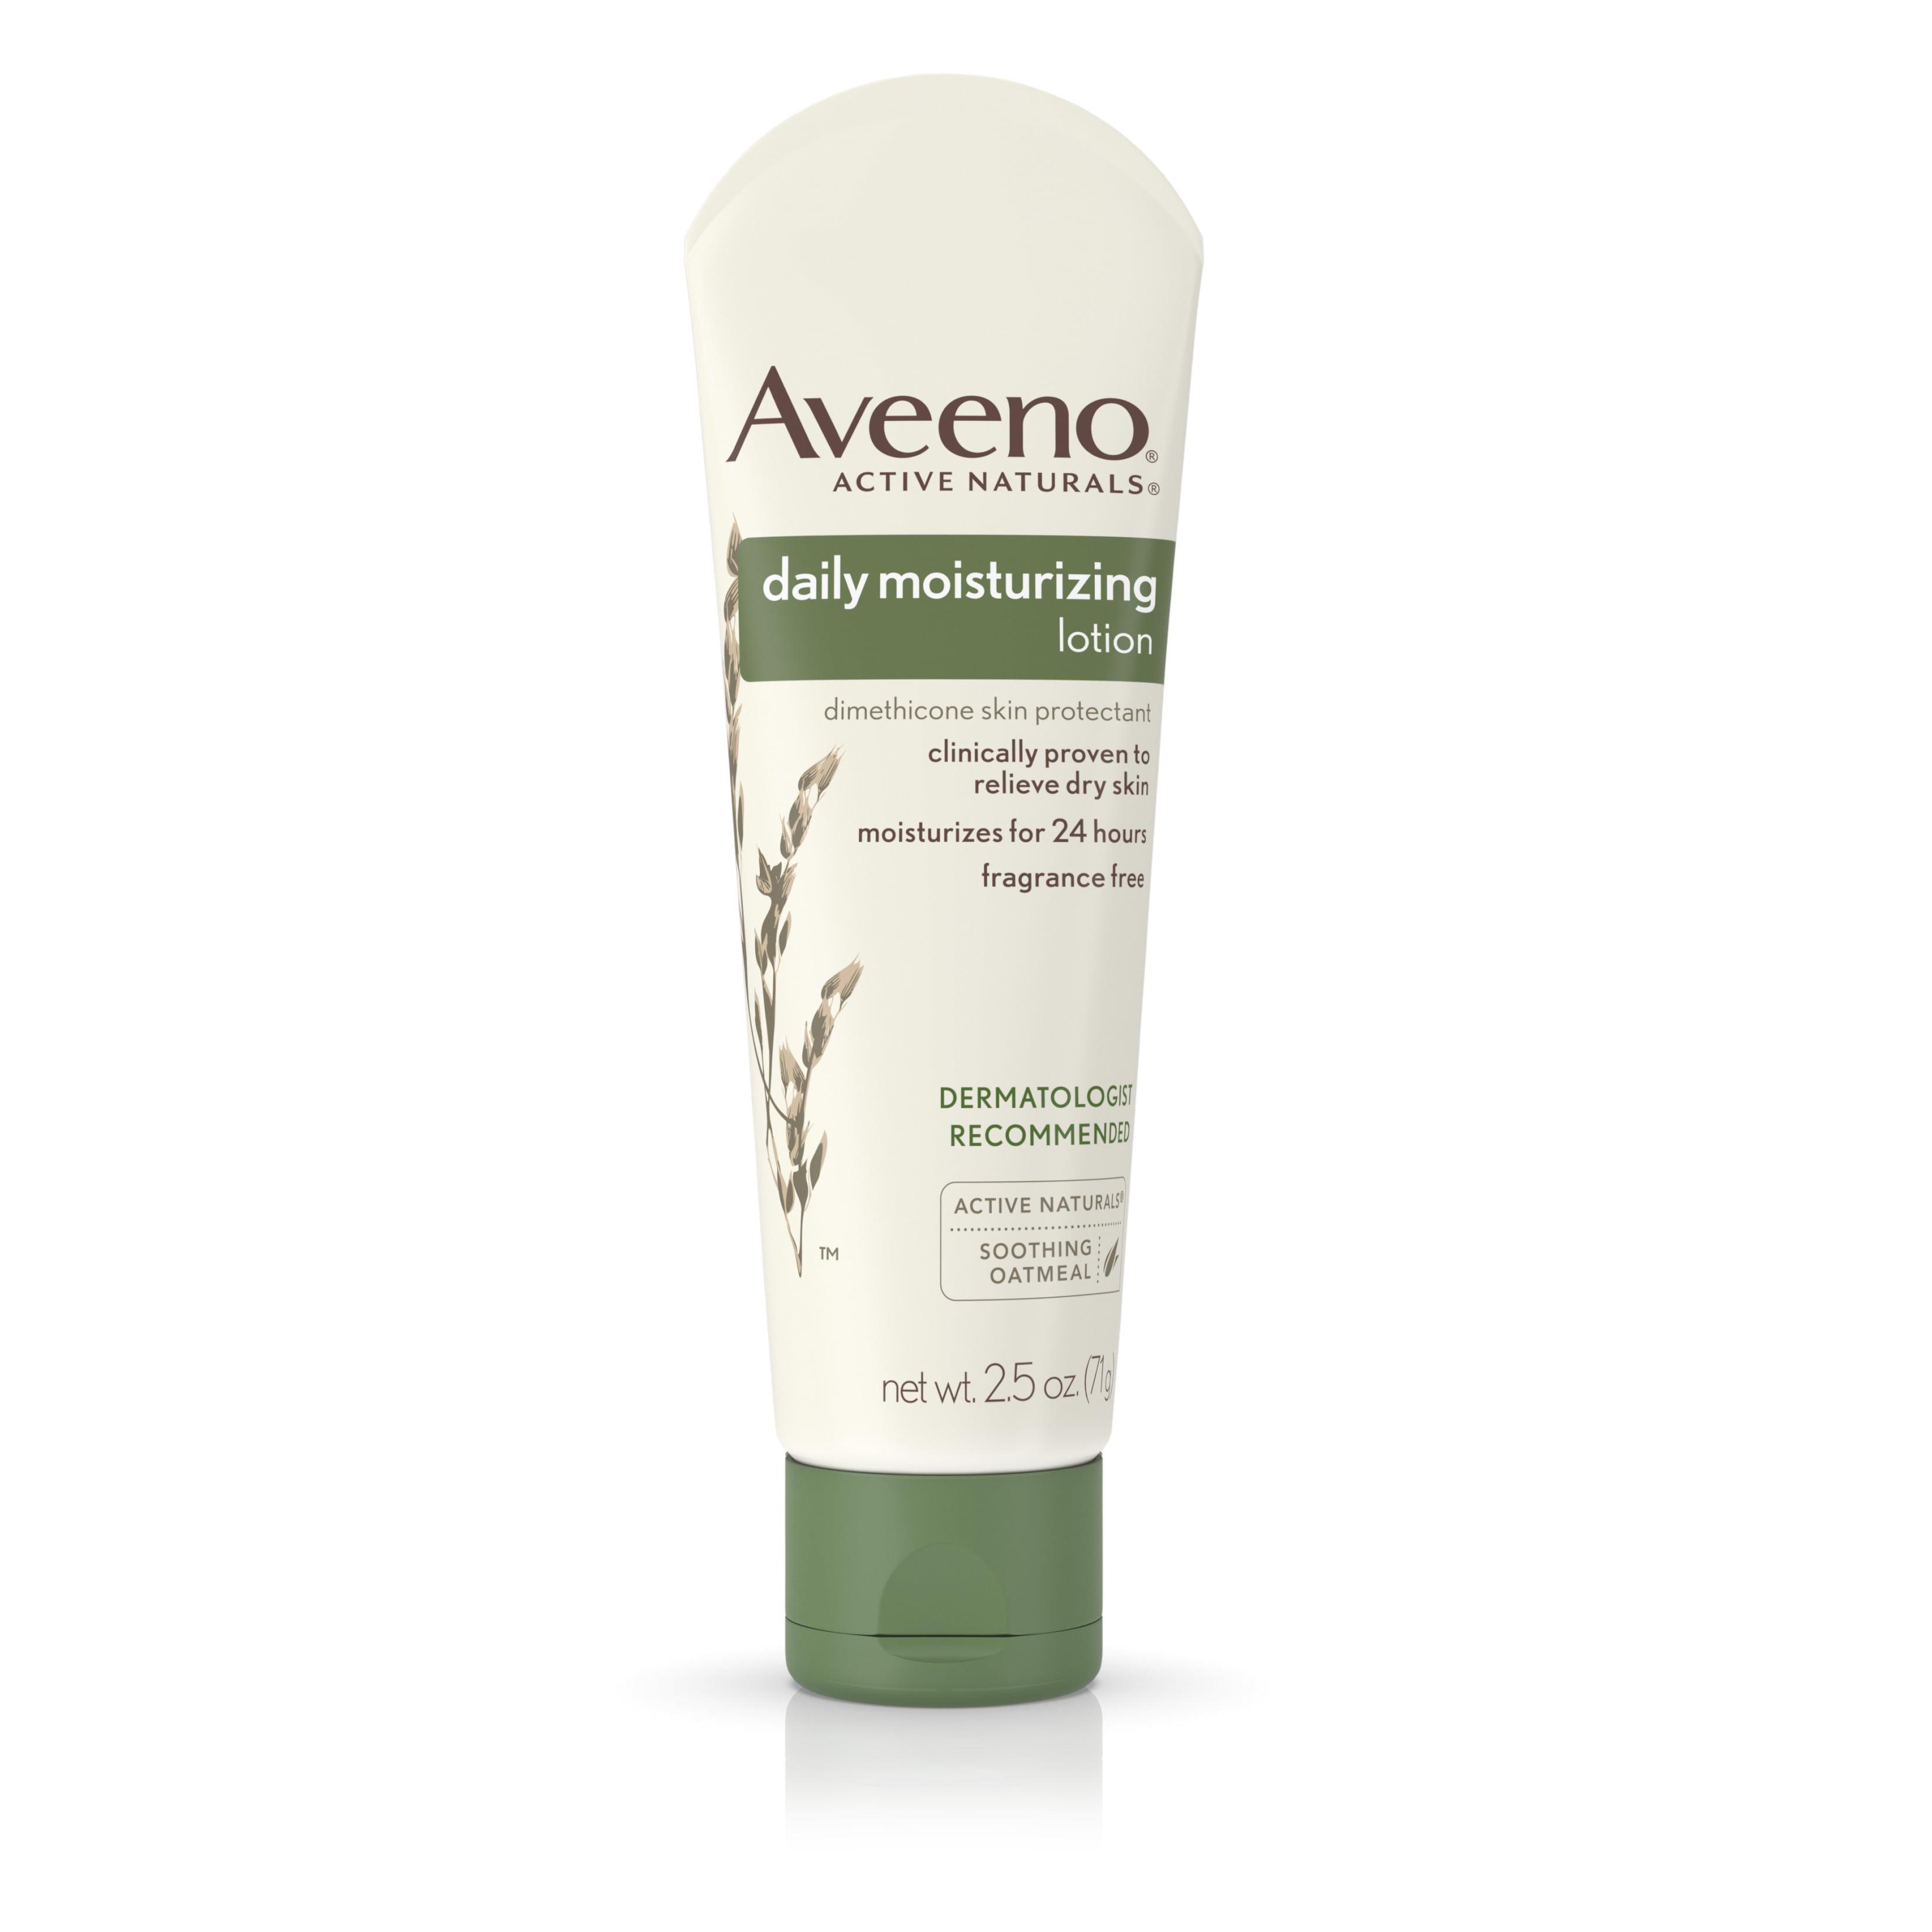 Aveeno Daily Moisturizing Lotion To Relieve Dry Skin, 2.5 Fl. Oz - Walmart.com